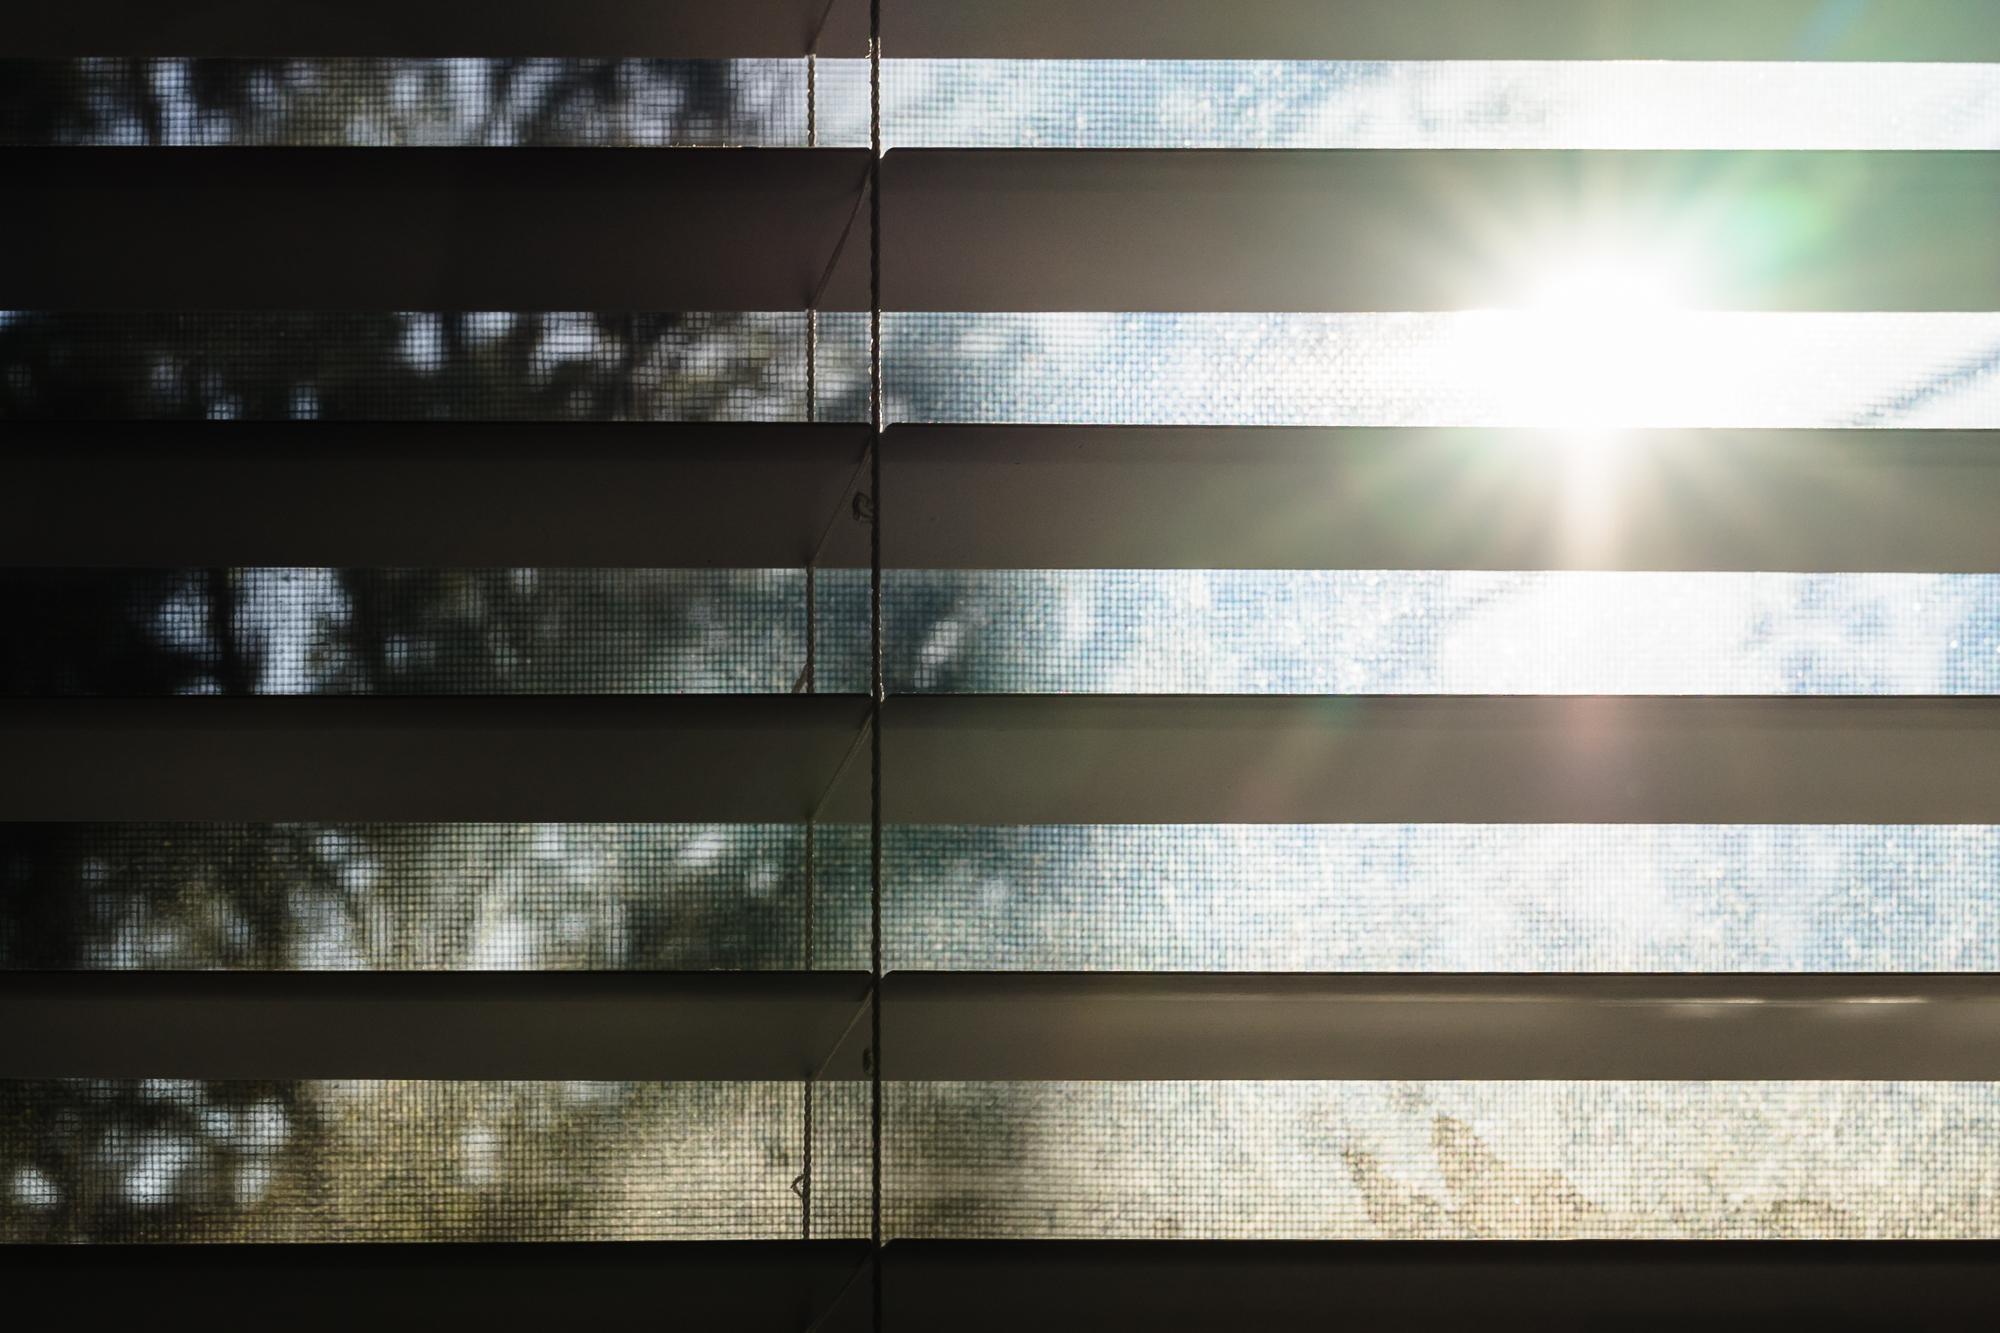 窗口光,森伯斯特,百叶窗,弗吉尼亚海滩摄影